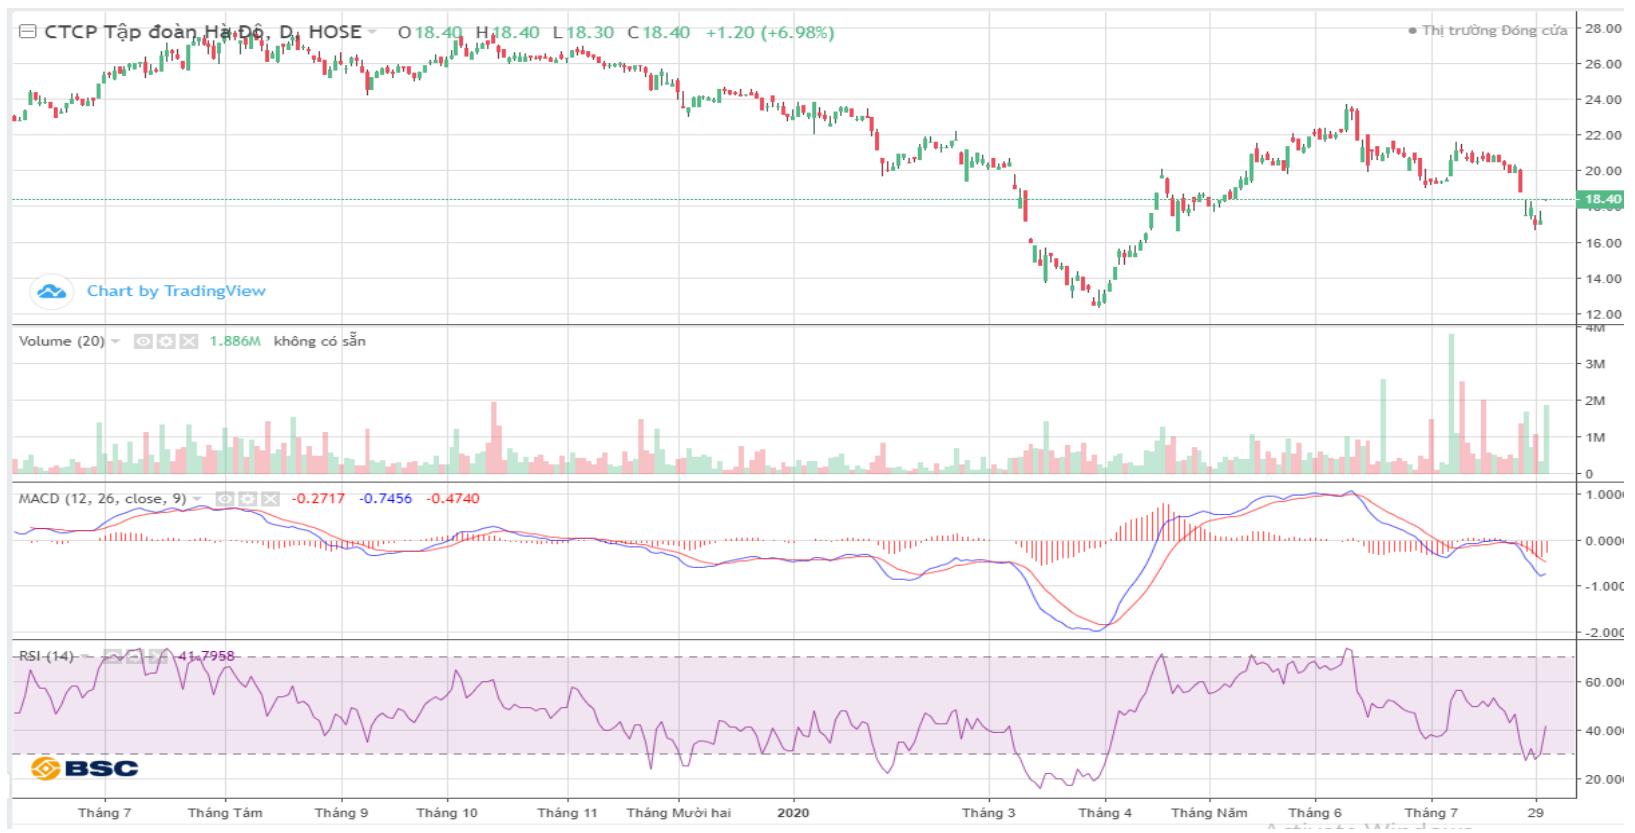 Cổ phiếu tâm điểm ngày 3/8: VIC, MSN, SNZ, HDG, TDM - Ảnh 4.